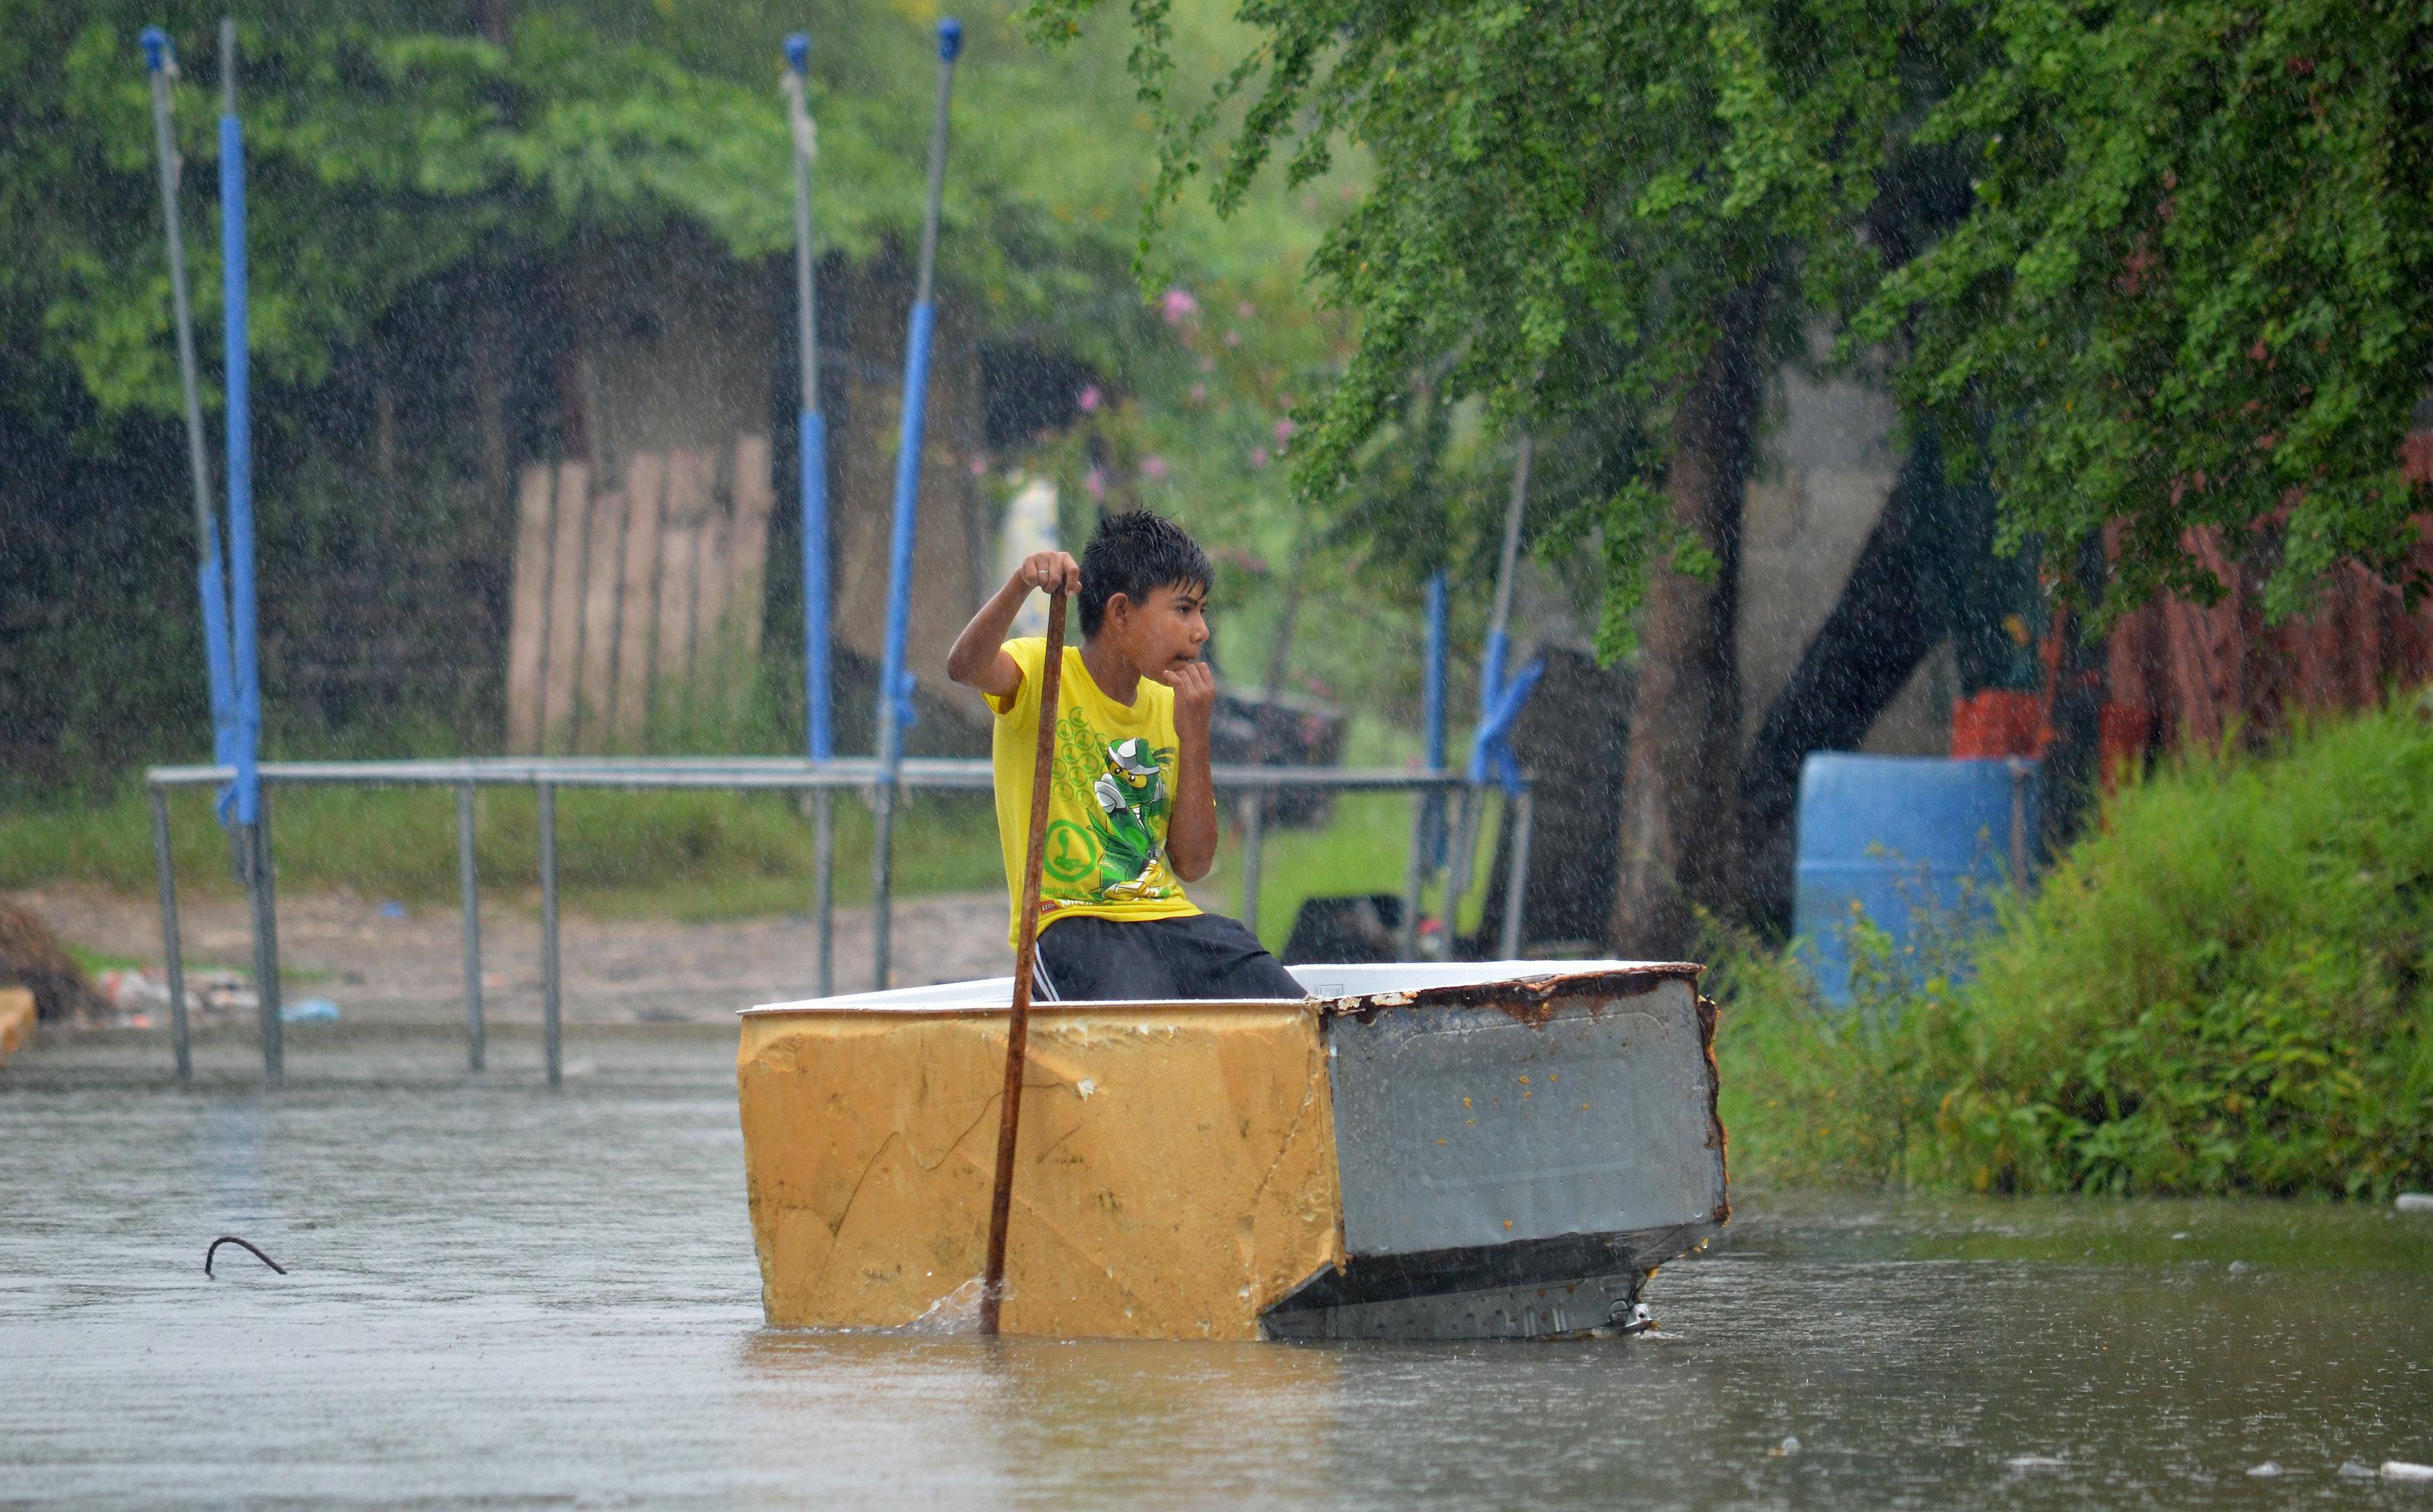 MEX75 TAMPICO (MÉXICO), 07/09/2017.- Un niño se traslada en una caja de plástico por una calle inundada hoy, jueves 7 de septiembre de 2017, en Tamaulipas (México). El huracán Katia, de categoría 1, está estacionario sobre el Golfo de México pero su amplia circulación favorece temporal de lluvias en el oriente, centro y sureste del territorio mexicano, informó hoy el Servicio Meteorológico Nacional (SMN), que prevé que el meteoro llegue a categoría 2 el viernes. EFE/Priciliano Jiménez